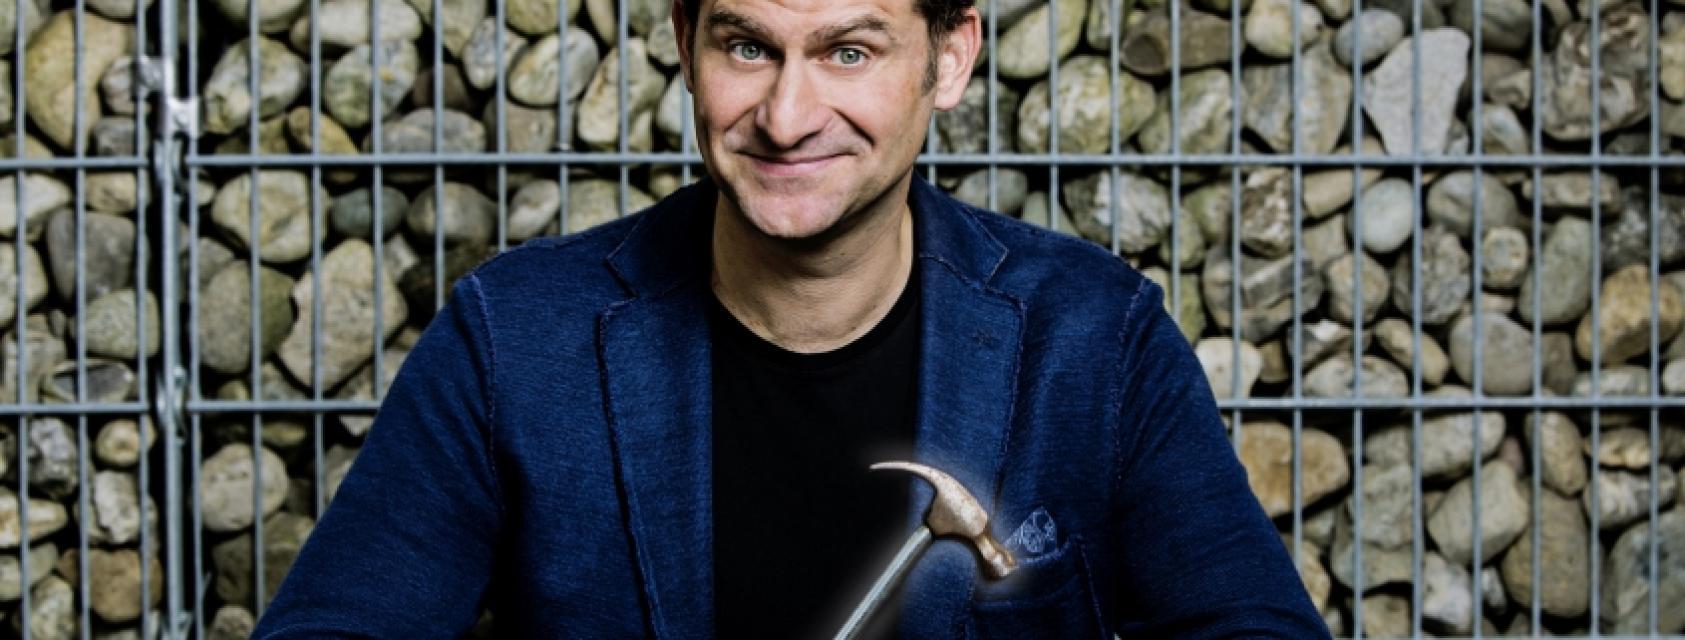 """Michael Altinger """"Schlaglicht"""" – Das brandneue Programm (Premiere Okt. 2019)"""